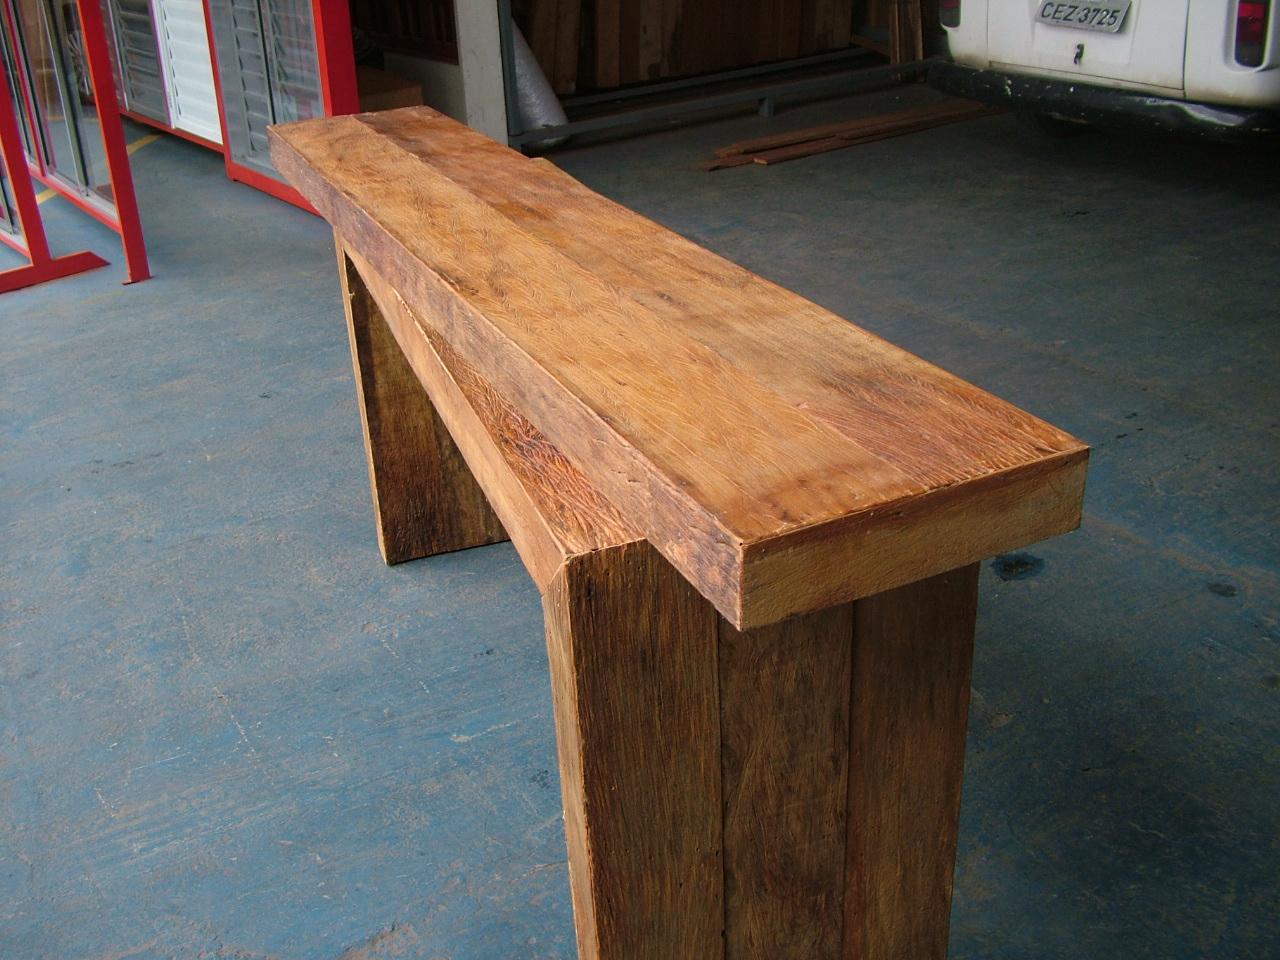 Tampo para balcão em madeira de demolição. Madeira de Demolição #A0612B 1280x960 Bancada Banheiro Madeira Rustica